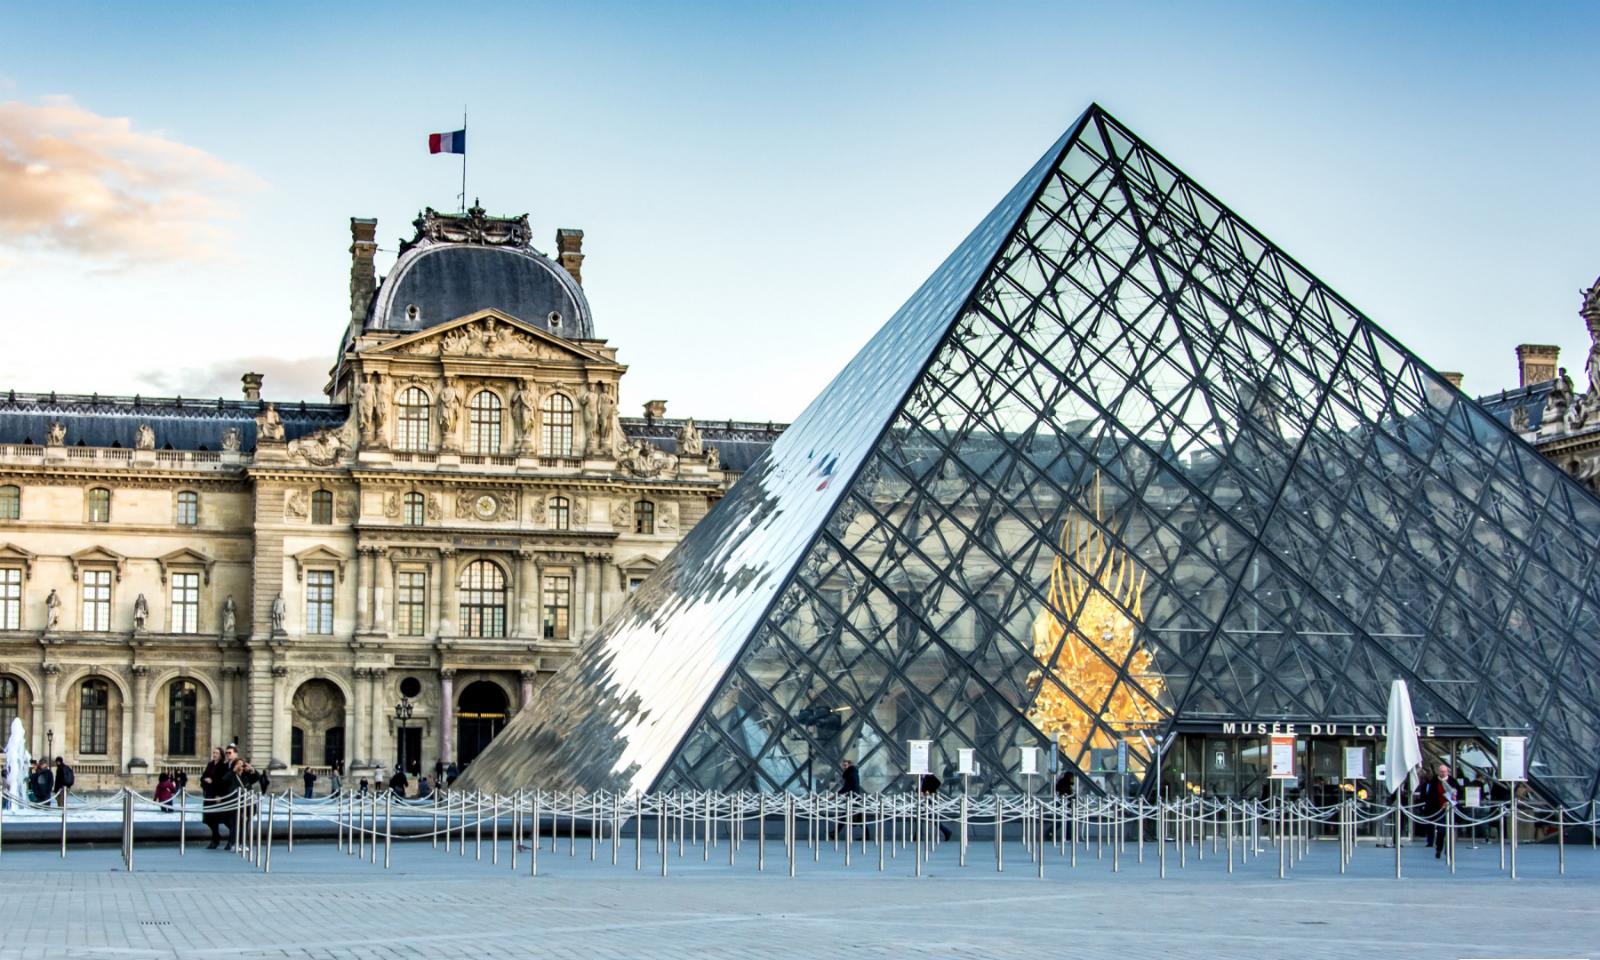 巴黎卢浮宫因内部人员罢工被迫关闭